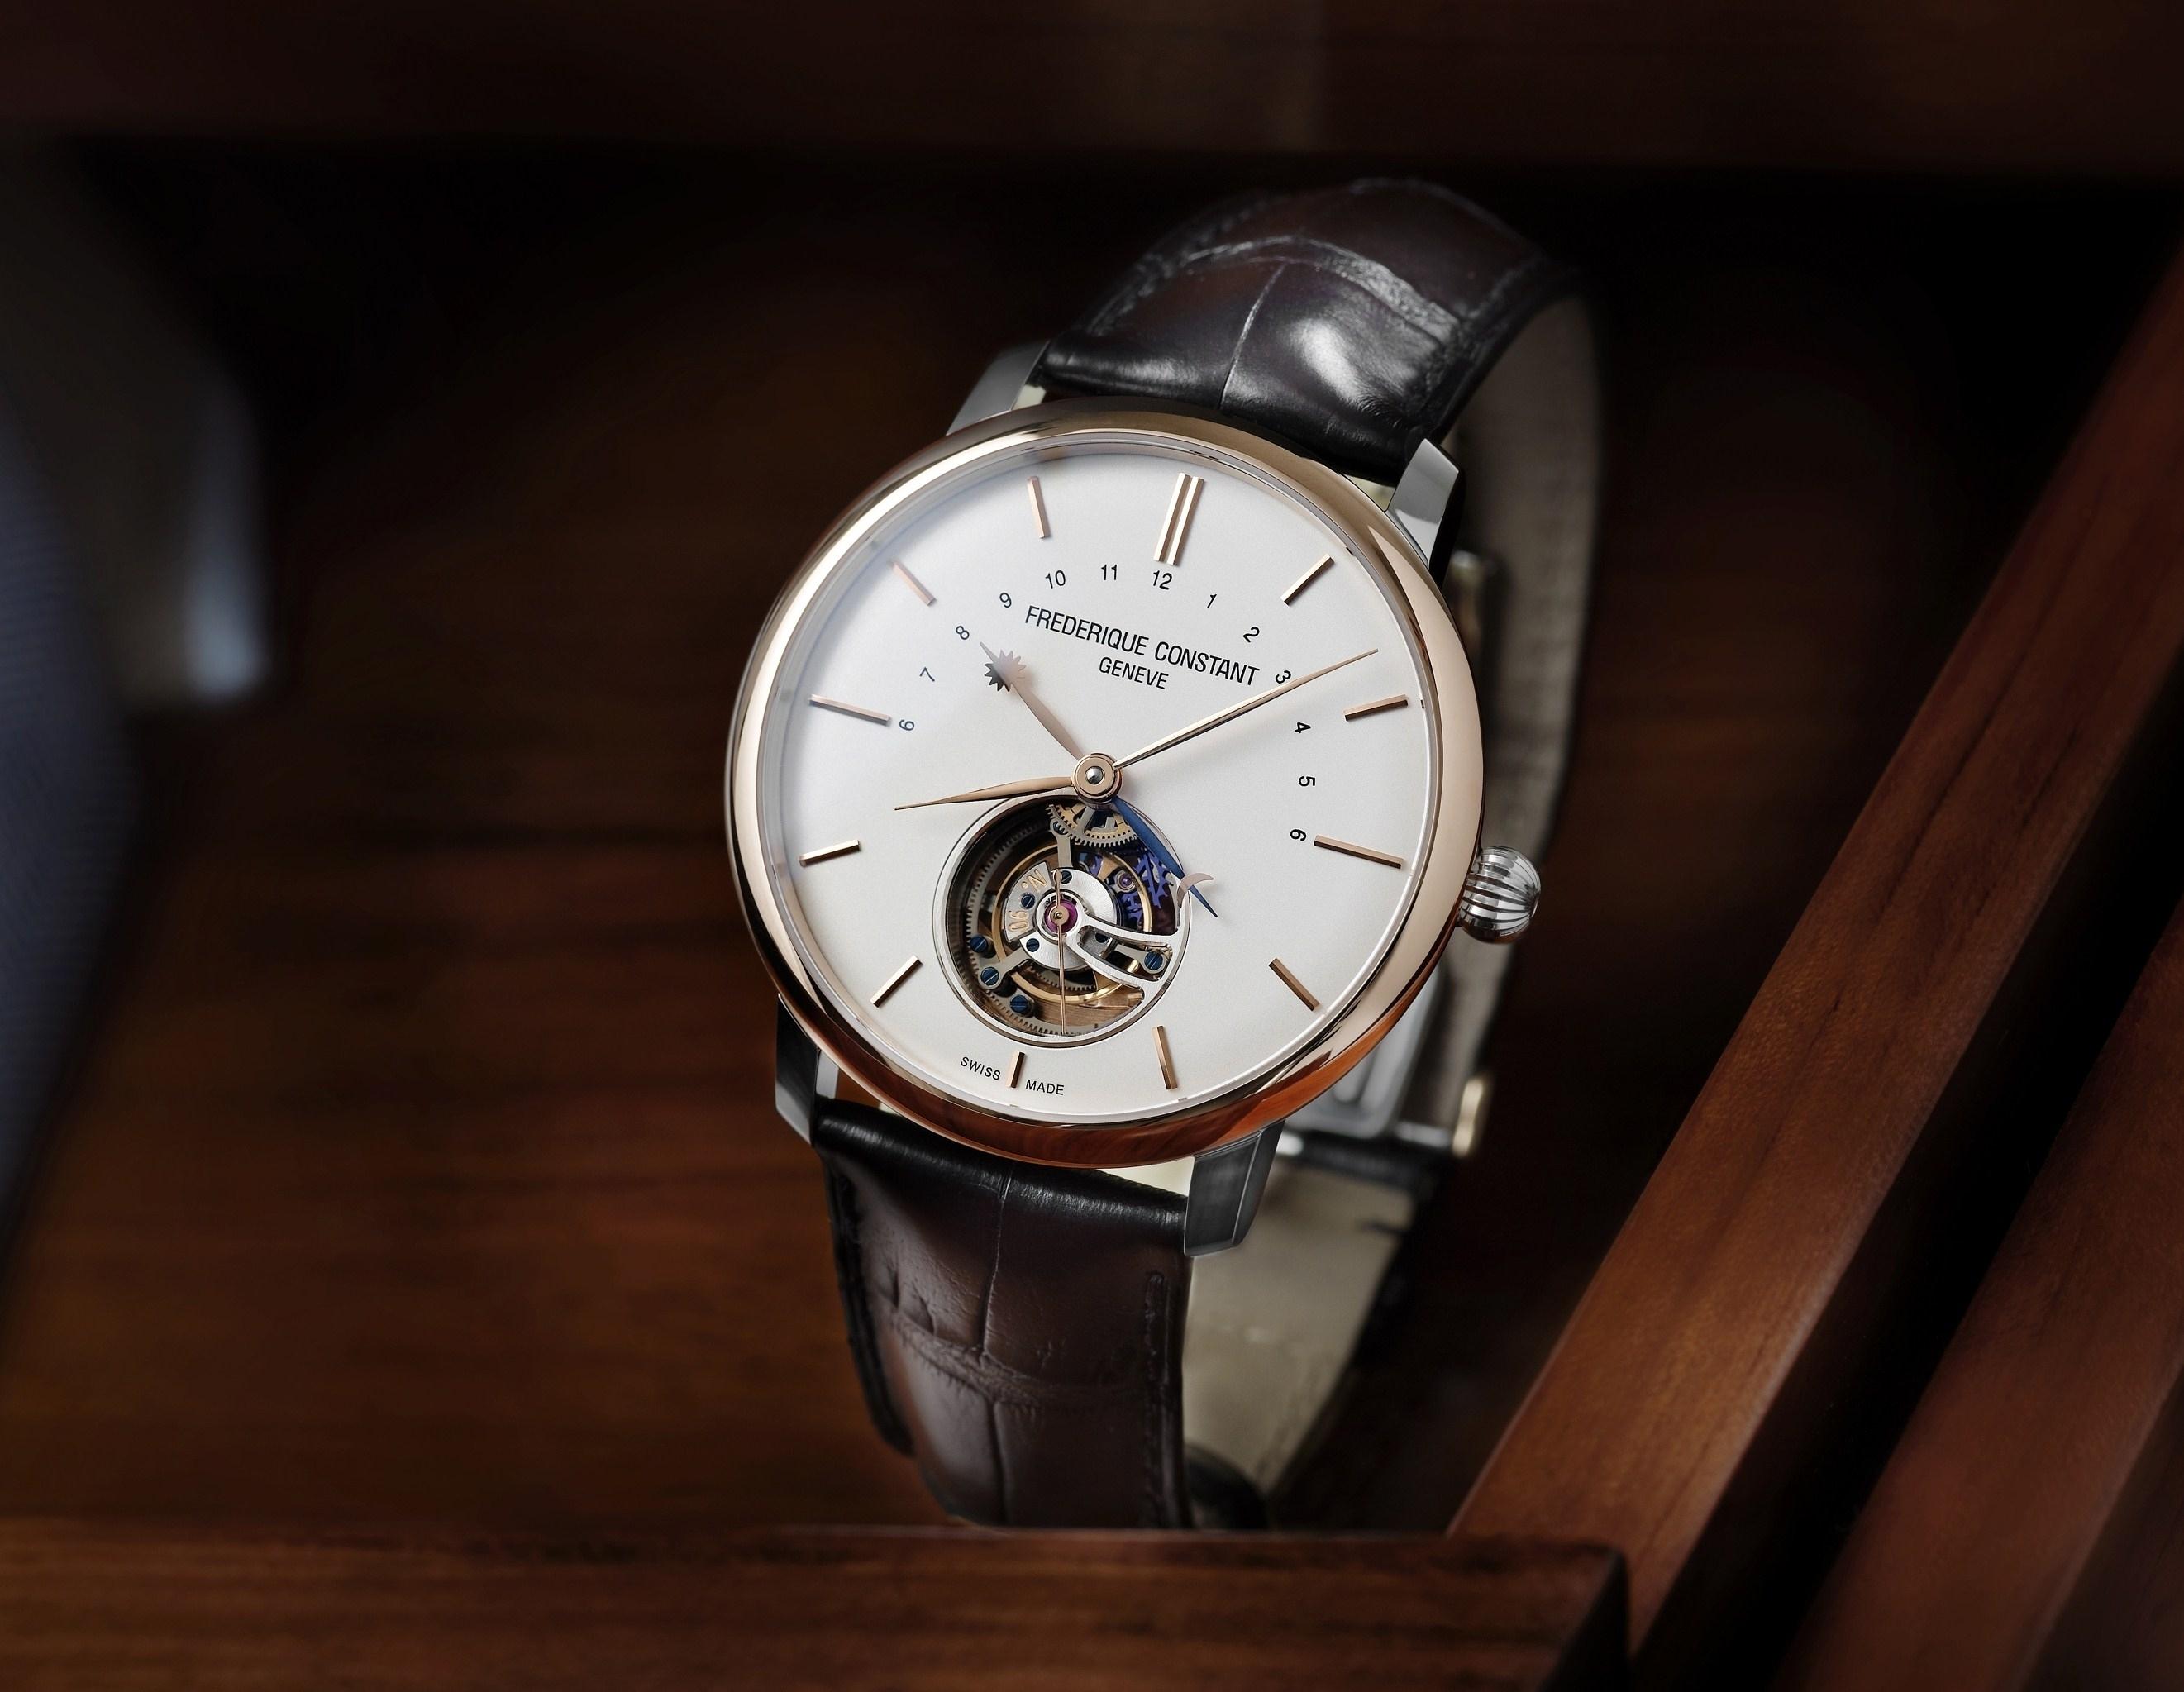 <世界188本限定生産>スイス製本格機械式時計ブランド「フレデリック・コンスタント」が薄型・自社製トゥールビヨン搭載の新作モデル限定発売